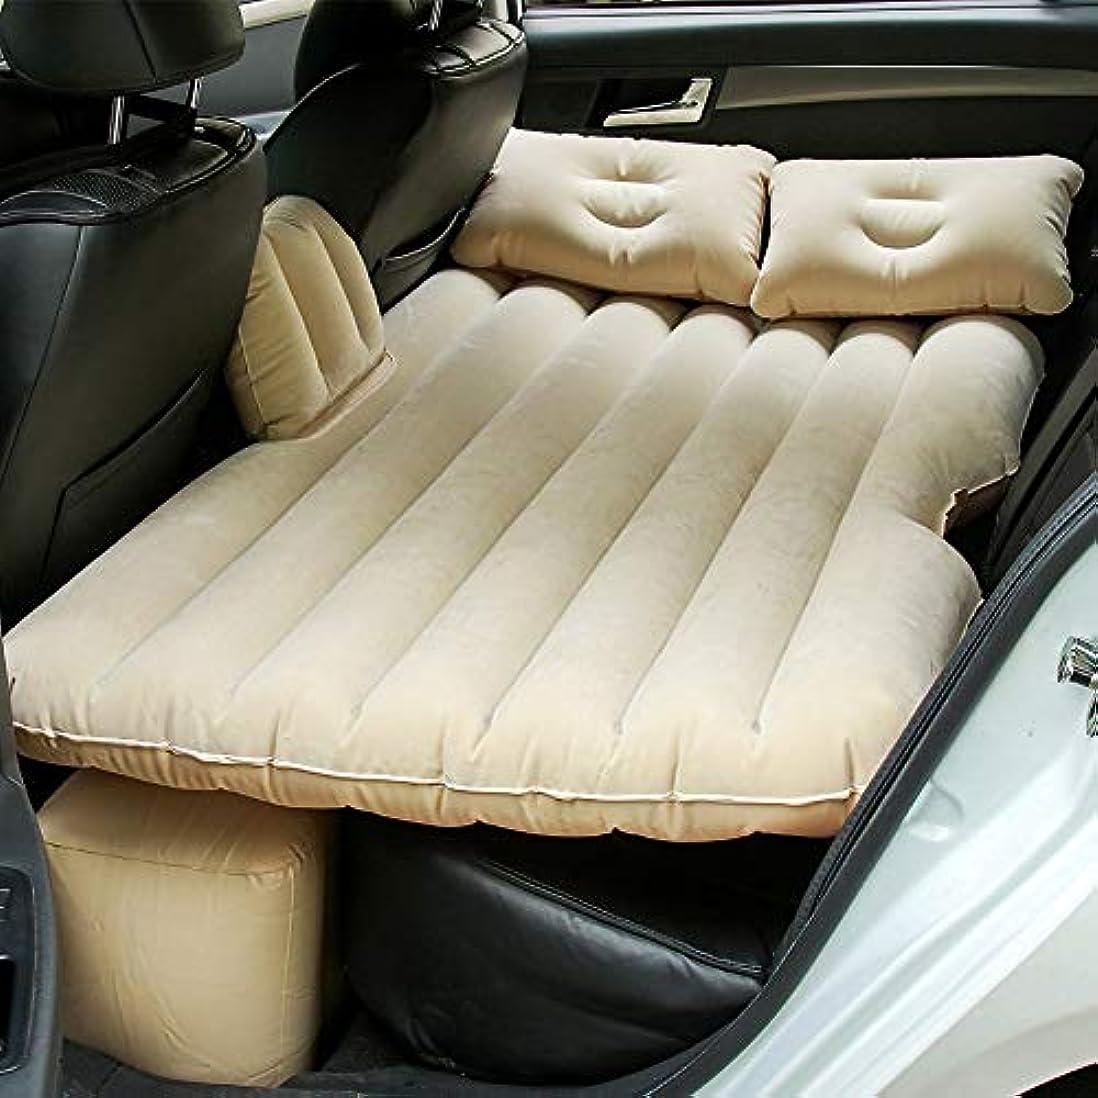 控えめな協力的焦がすZXF 車の群がっている膨脹可能なベッド。分割デザイン多目的。マットレス付き。カートラベルベッド。膨脹可能なマットレス。エアーポンプ付きカーマットレス。 暖かくて快適です (色 : Beige)